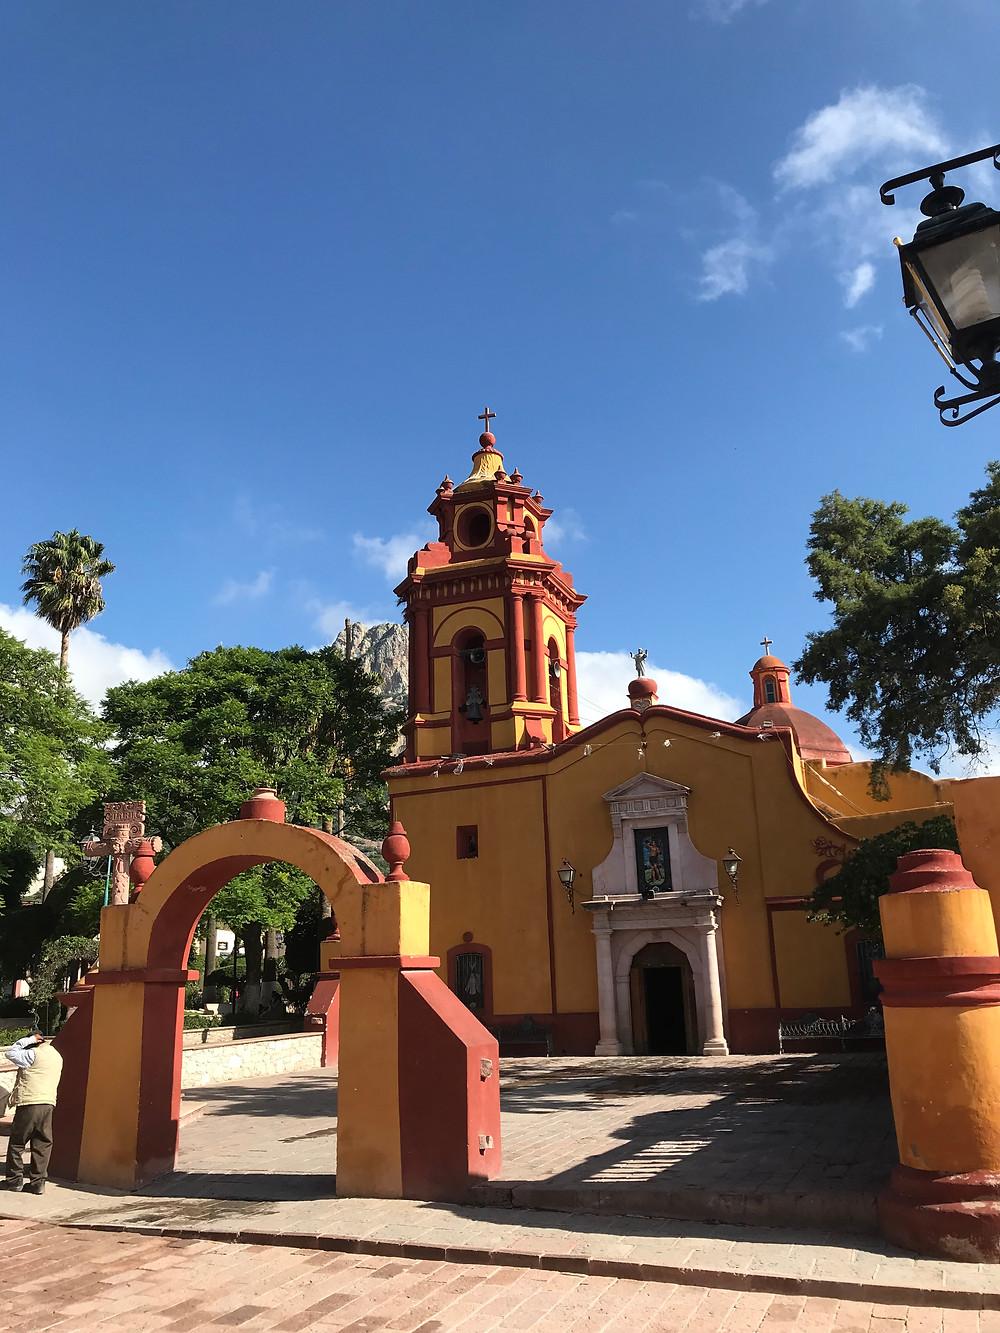 Bernal Mexico Church Centro